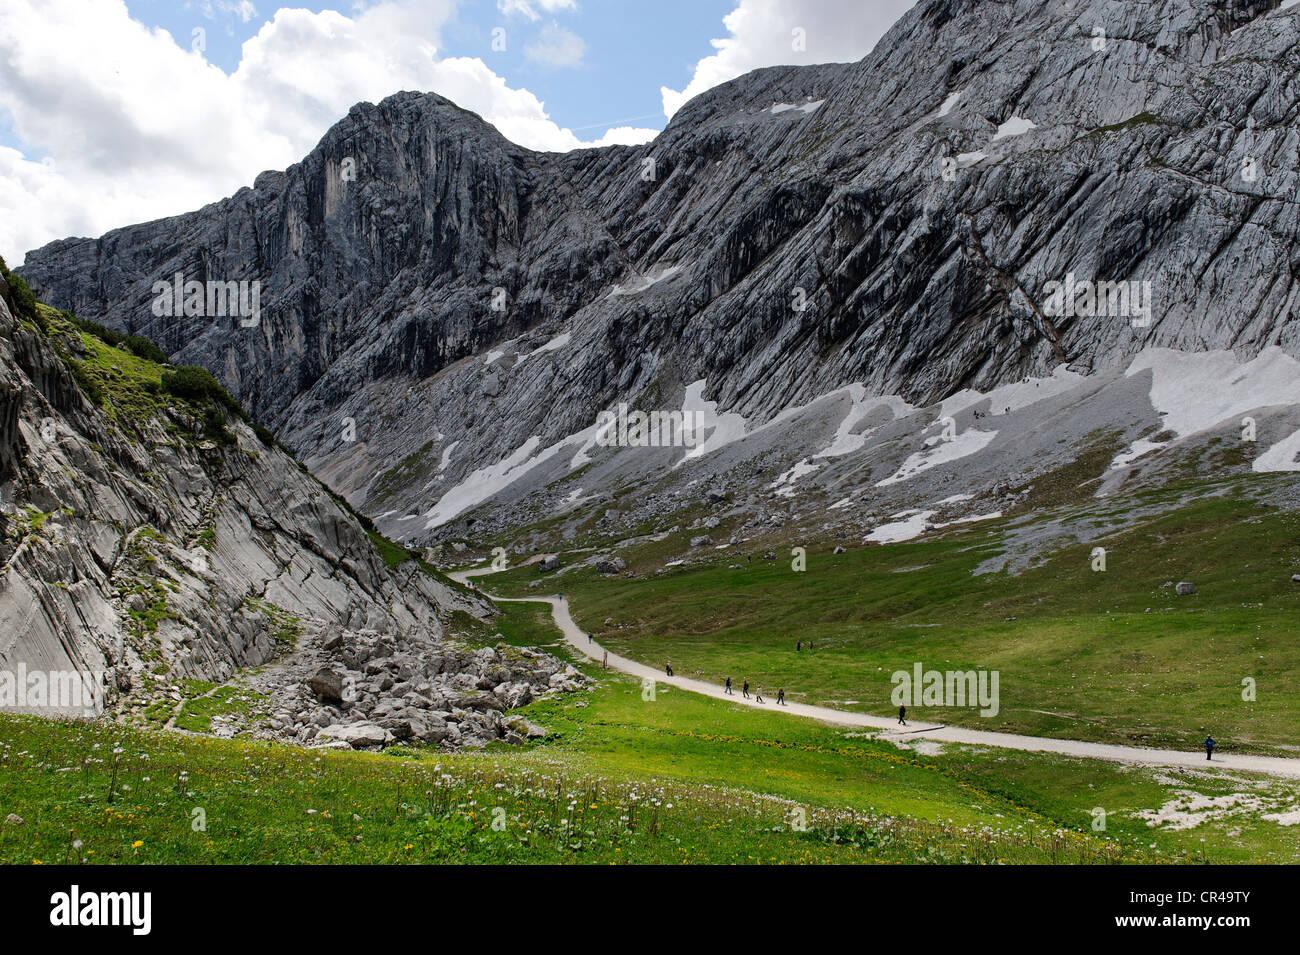 Gipfel-Erlebisweg, summit adventure trail at Alpspitzbahn, Garmisch-Partenkirchen, Wetterstein range, Upper Bavaria, - Stock Image